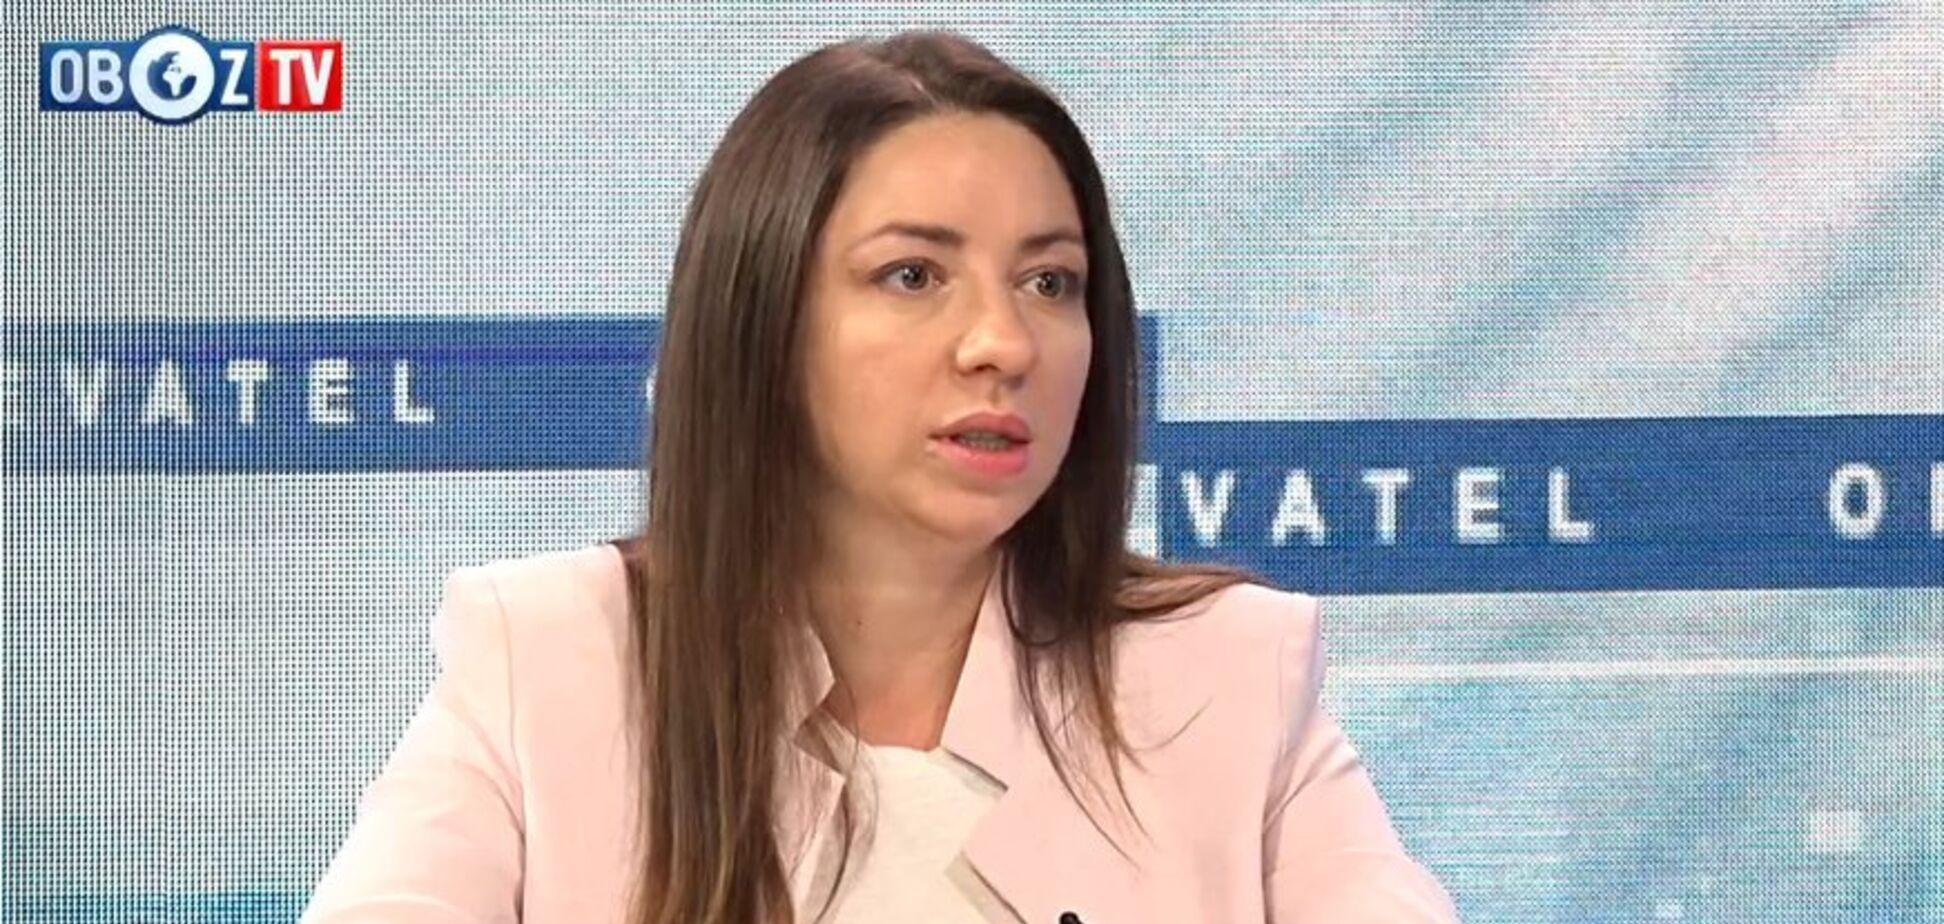 Депутаты от ''Слуги народа'' могут стать непредсказуемыми: политолог предупредила о возможных последствиях